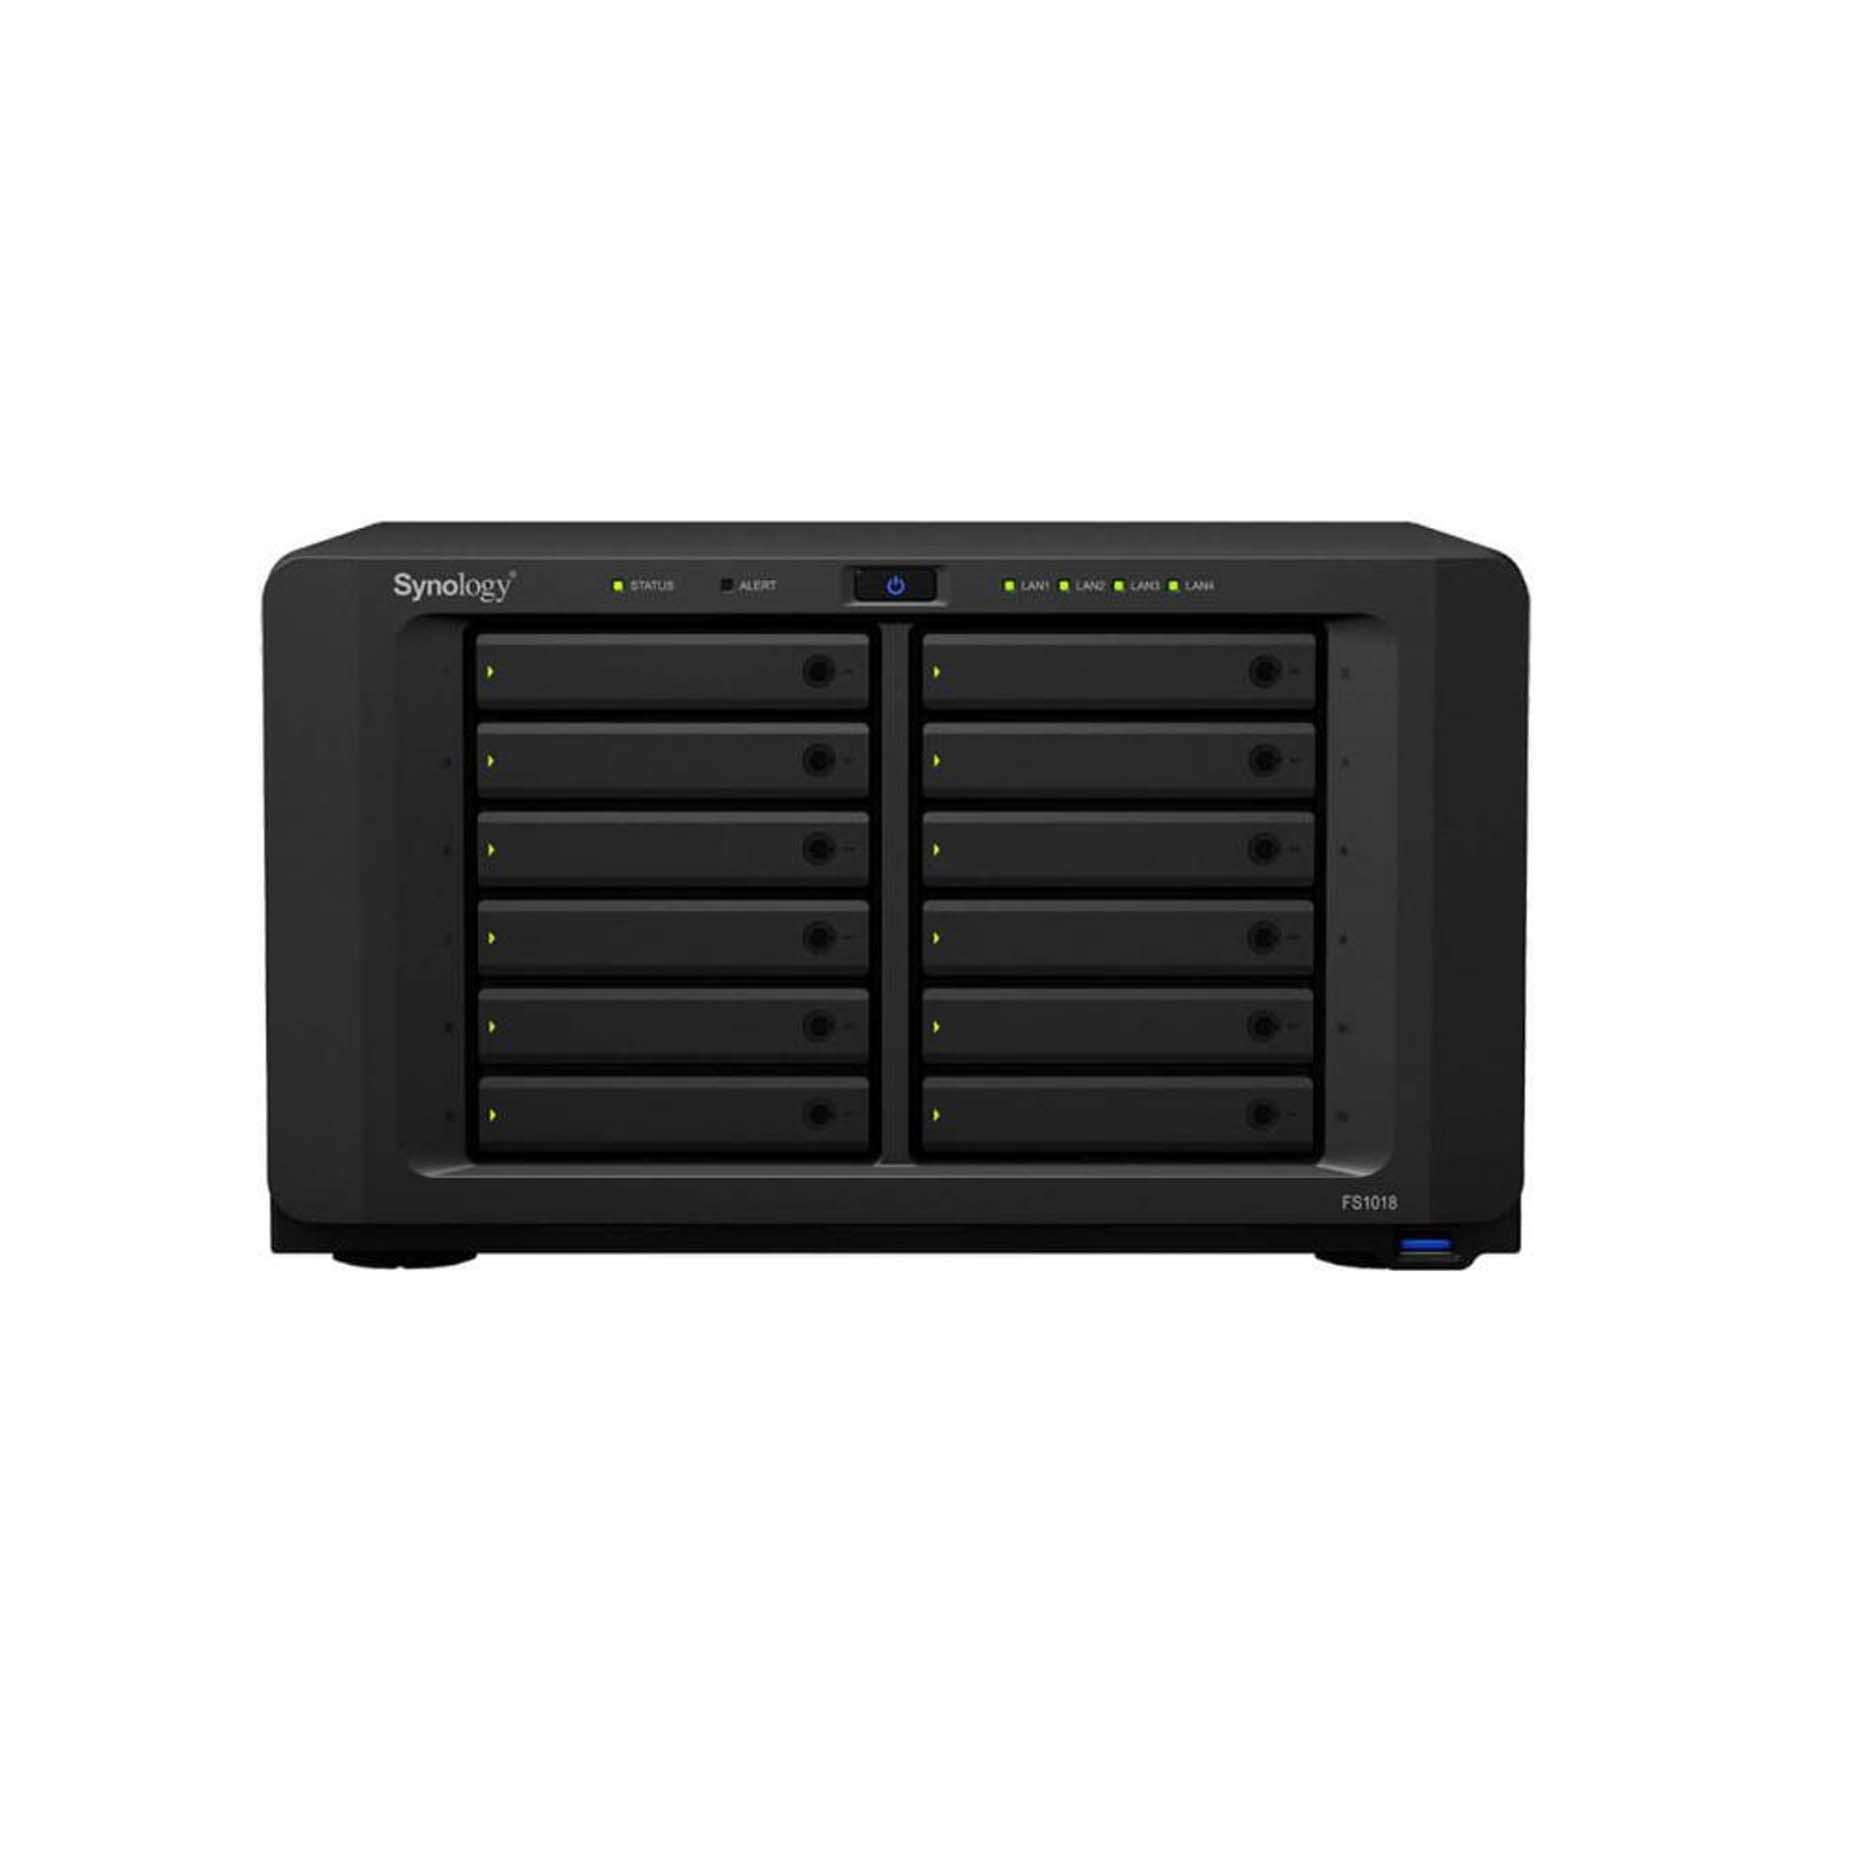 Harga Jual Synology FlashStation FS1018 12 Bay NAS Storage